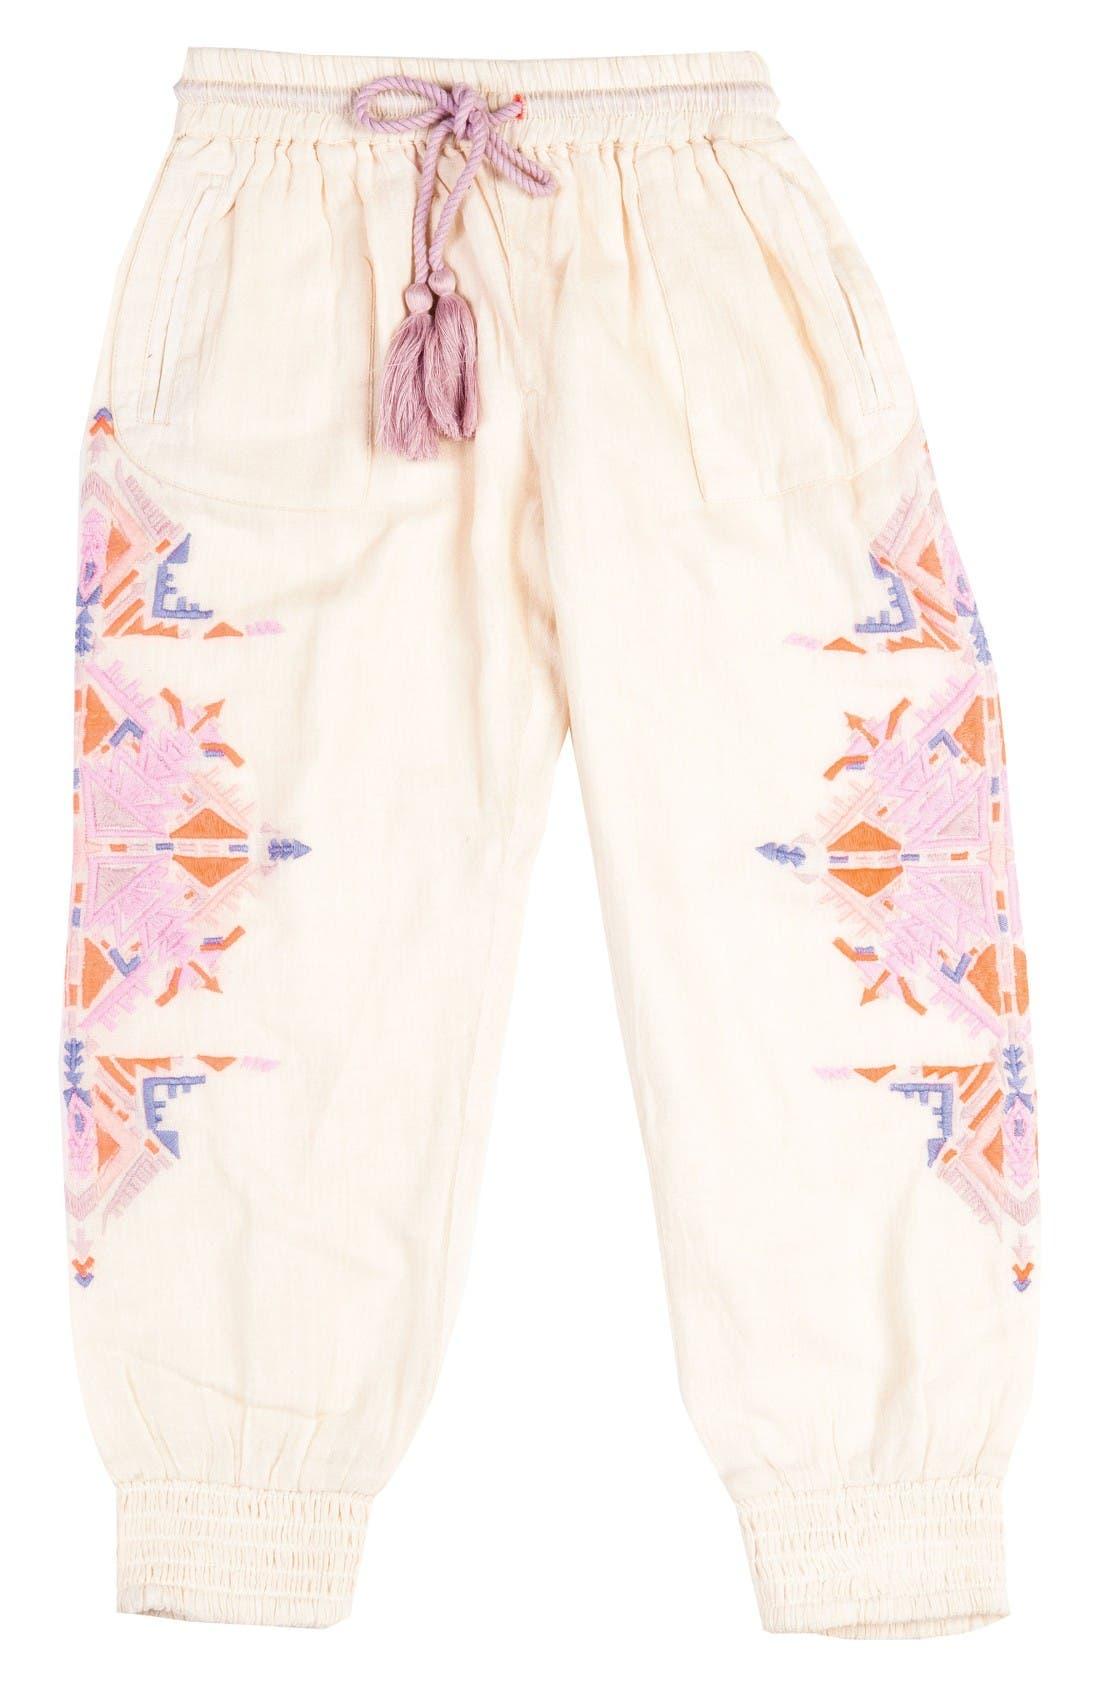 BOWIE X JAMES Running Deer Embroidered Pants (Toddler Girls, Little Girls & Big Girls)